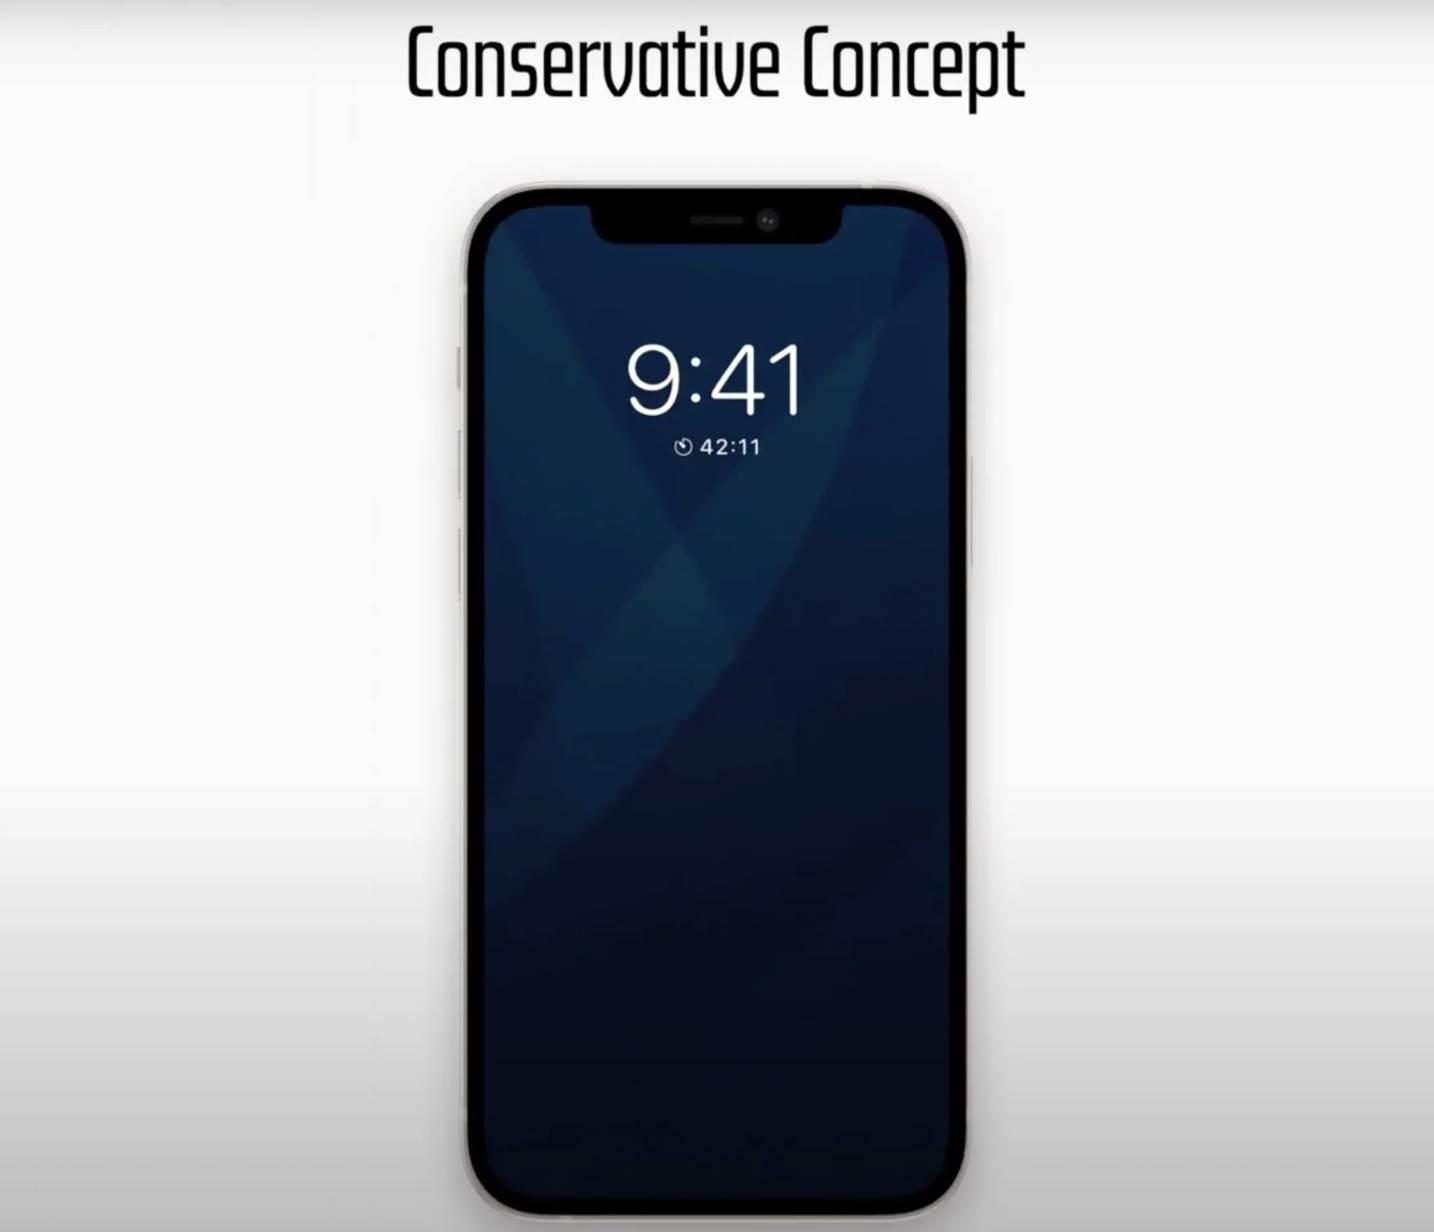 iPhone 12S z Always-On Display - czy tak będzie wyglądał najnowszy smartfon Apple? polecane, ciekawostki zawsze włączony ekran, Wideo, koncept, iPhone 13, iPhone 12s, Apple, Always on Display  W poniedziałek informowaliśmy, że iPhone 12s może mieć być wyposażony w funkcję Always-On Display. Zaledwie kilka dni po tej informacji w sieci pojawił się pierwszy koncept pokazujący jak może to wyglądać. A 3